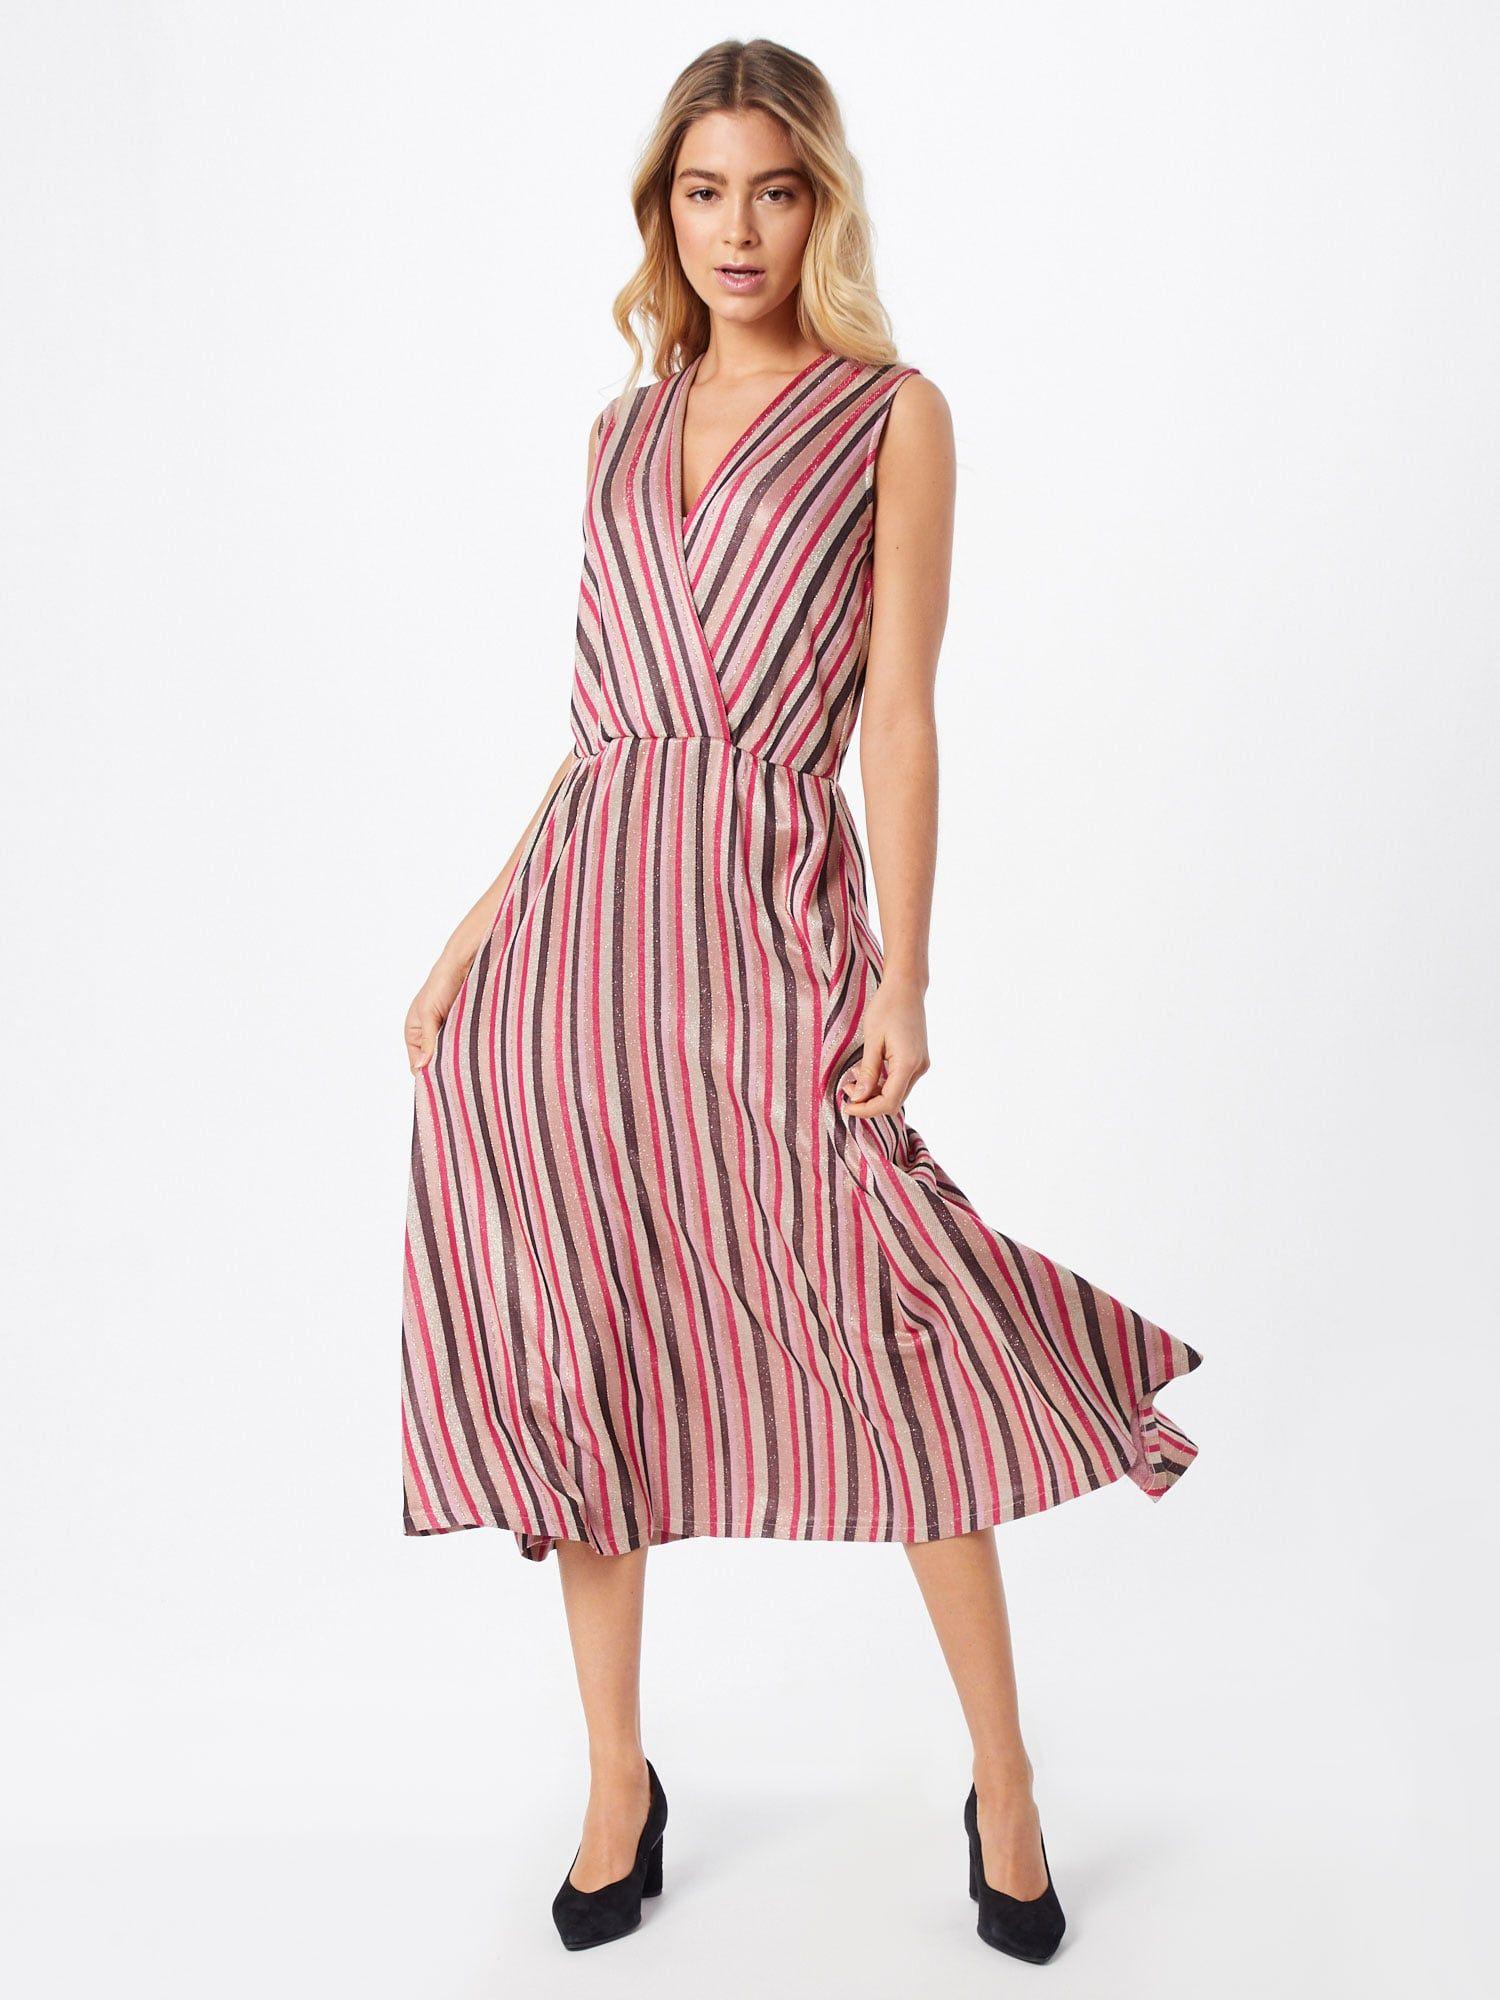 iblues kleid 'pacchia' damen, rosa, größe 36   kleider